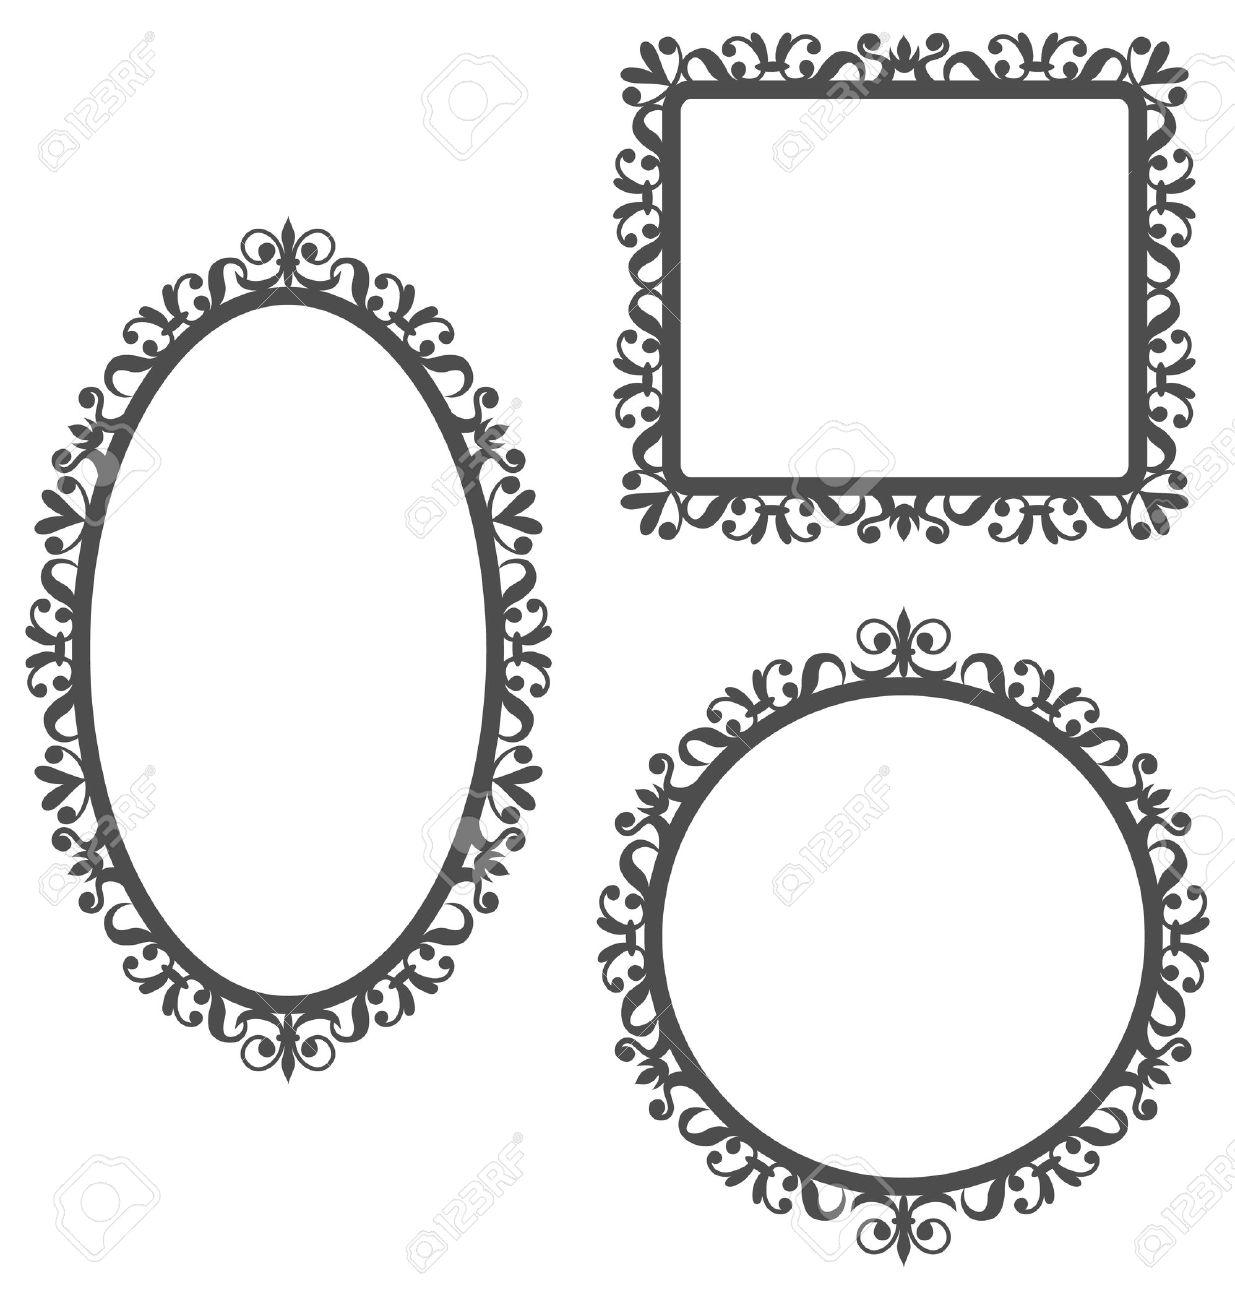 Drei Schwarz Vintage-Rahmen In Verschiedenen Formen Auf Weißem ...